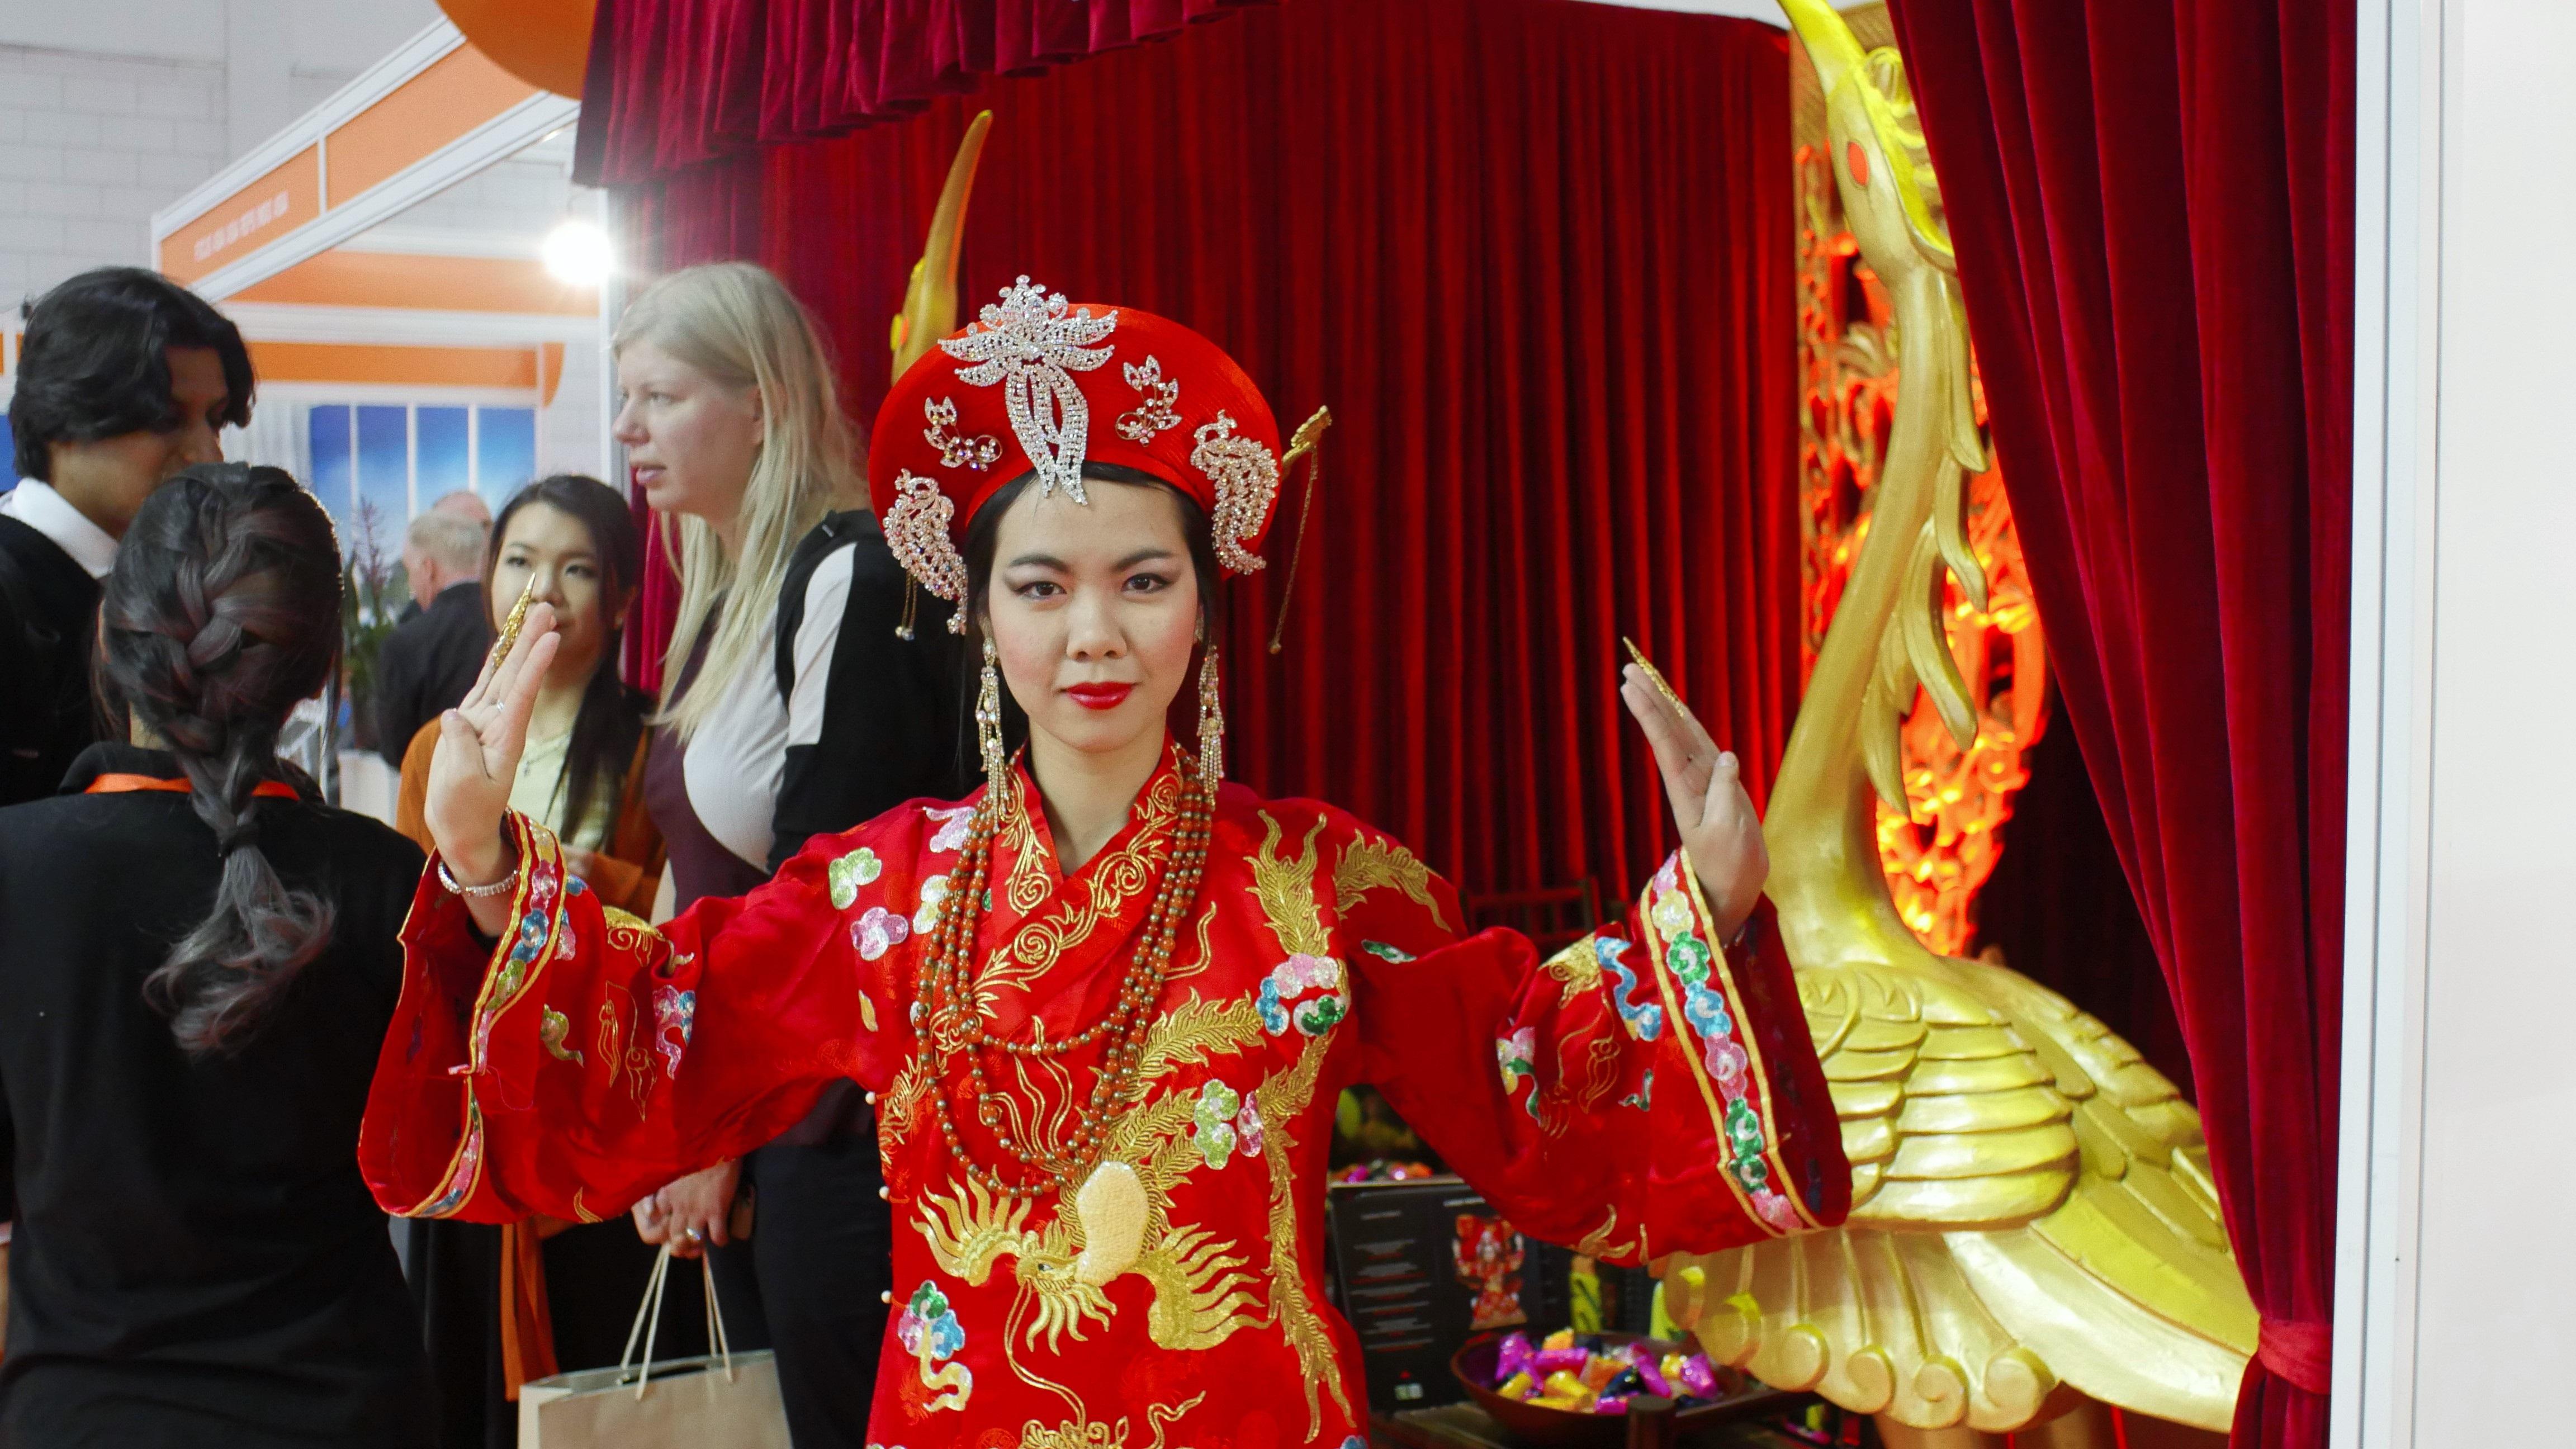 femmes dans une robe rouge de style asiatique au world travel market